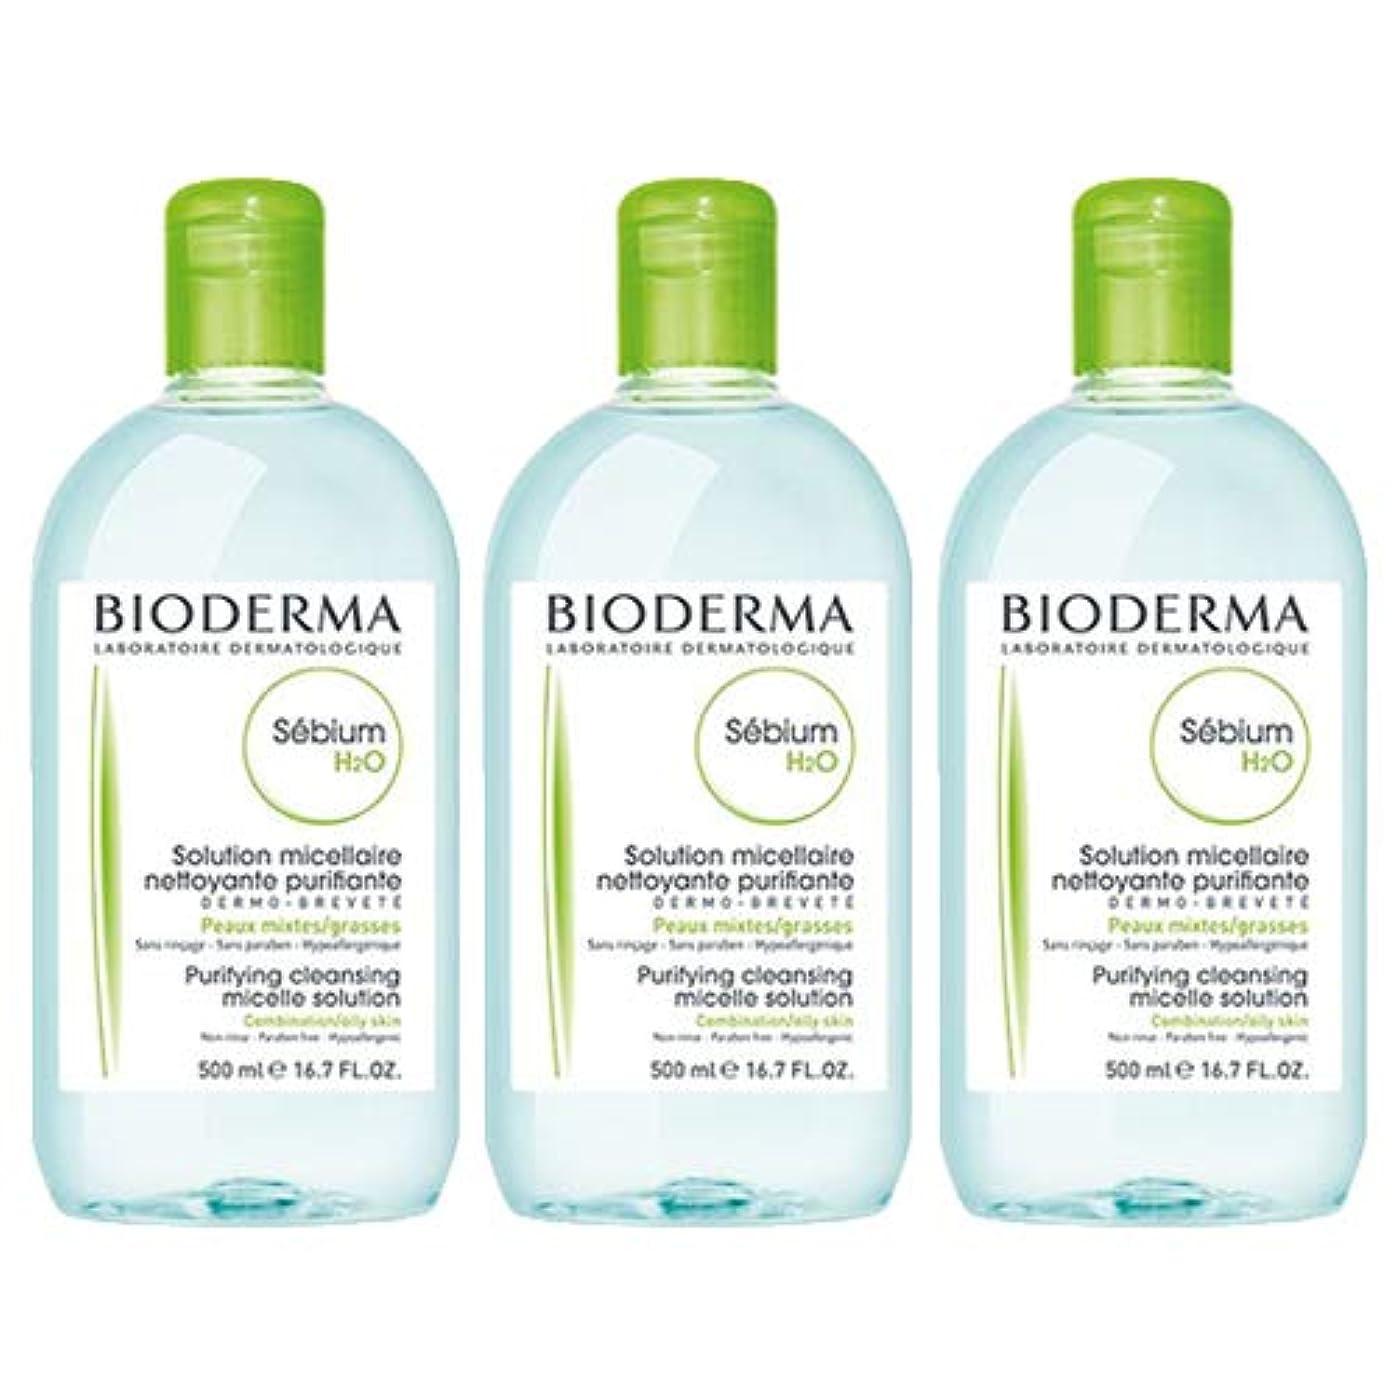 広々種超越するビオデルマ BIODERMA セビウム H2O (エイチ ツーオー) D 500mL 【3本セット】 [並行輸入品]